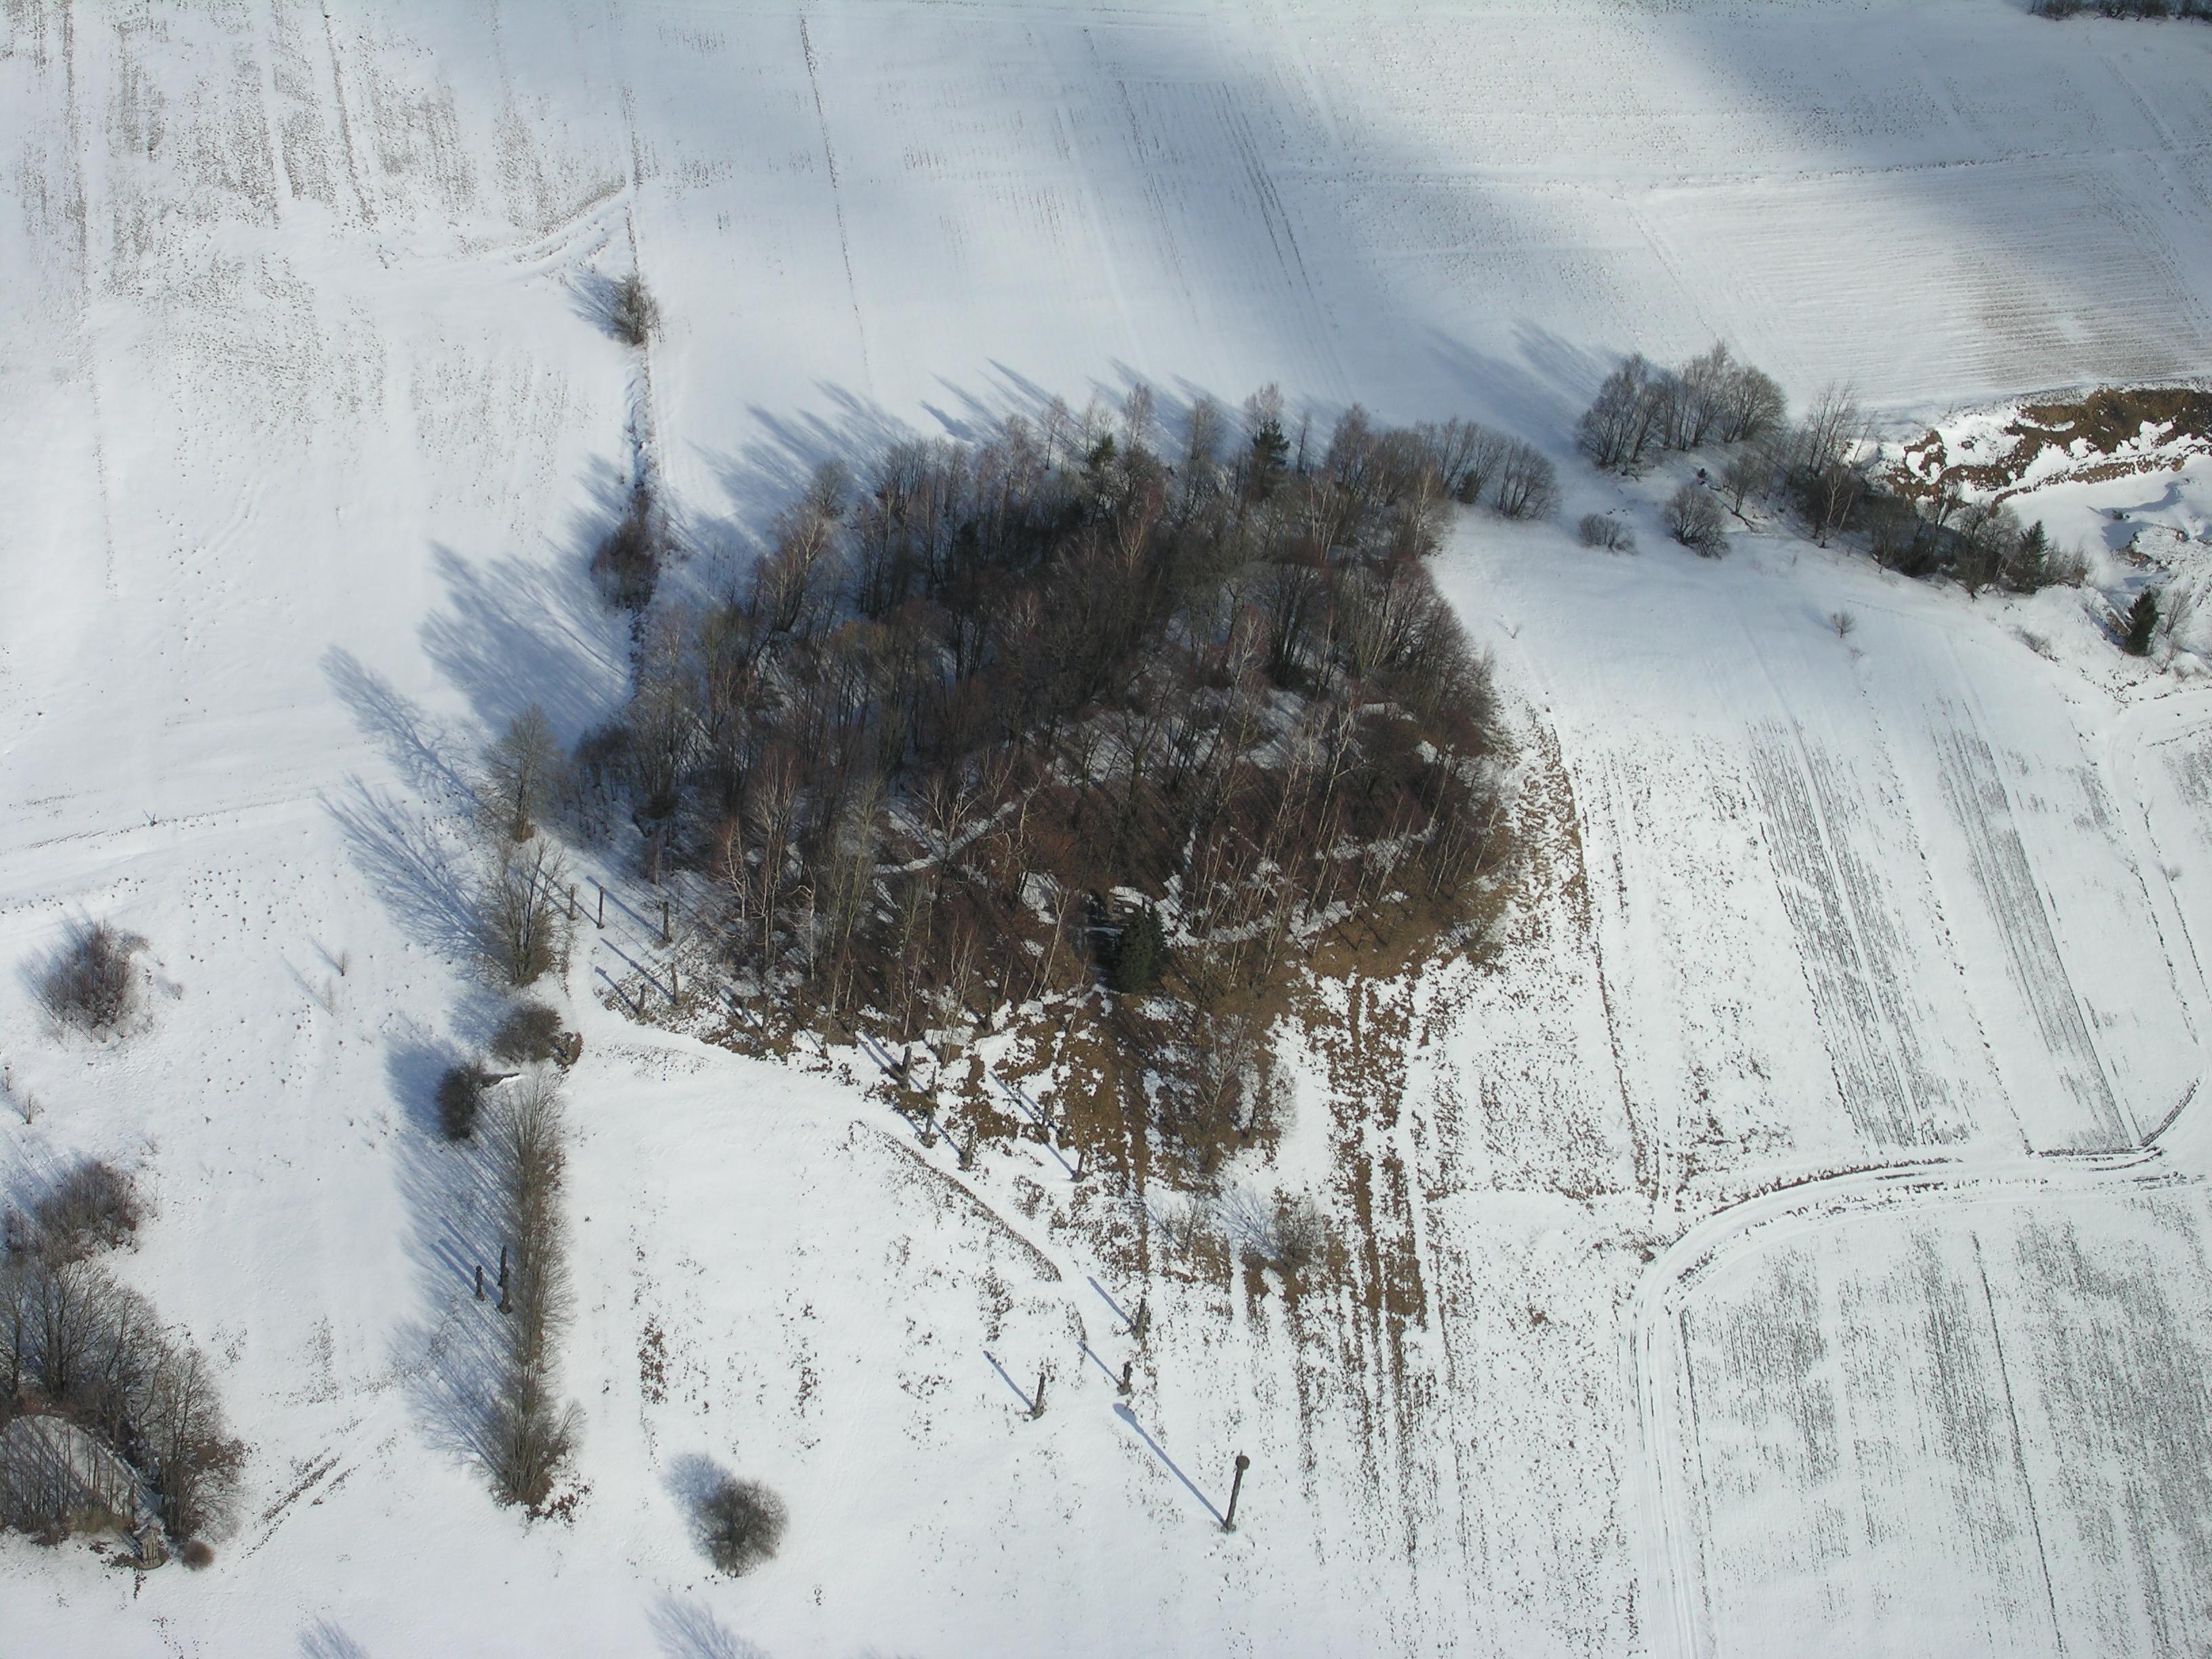 Žvaginių piliakalnis iš oro (pietų pusės)